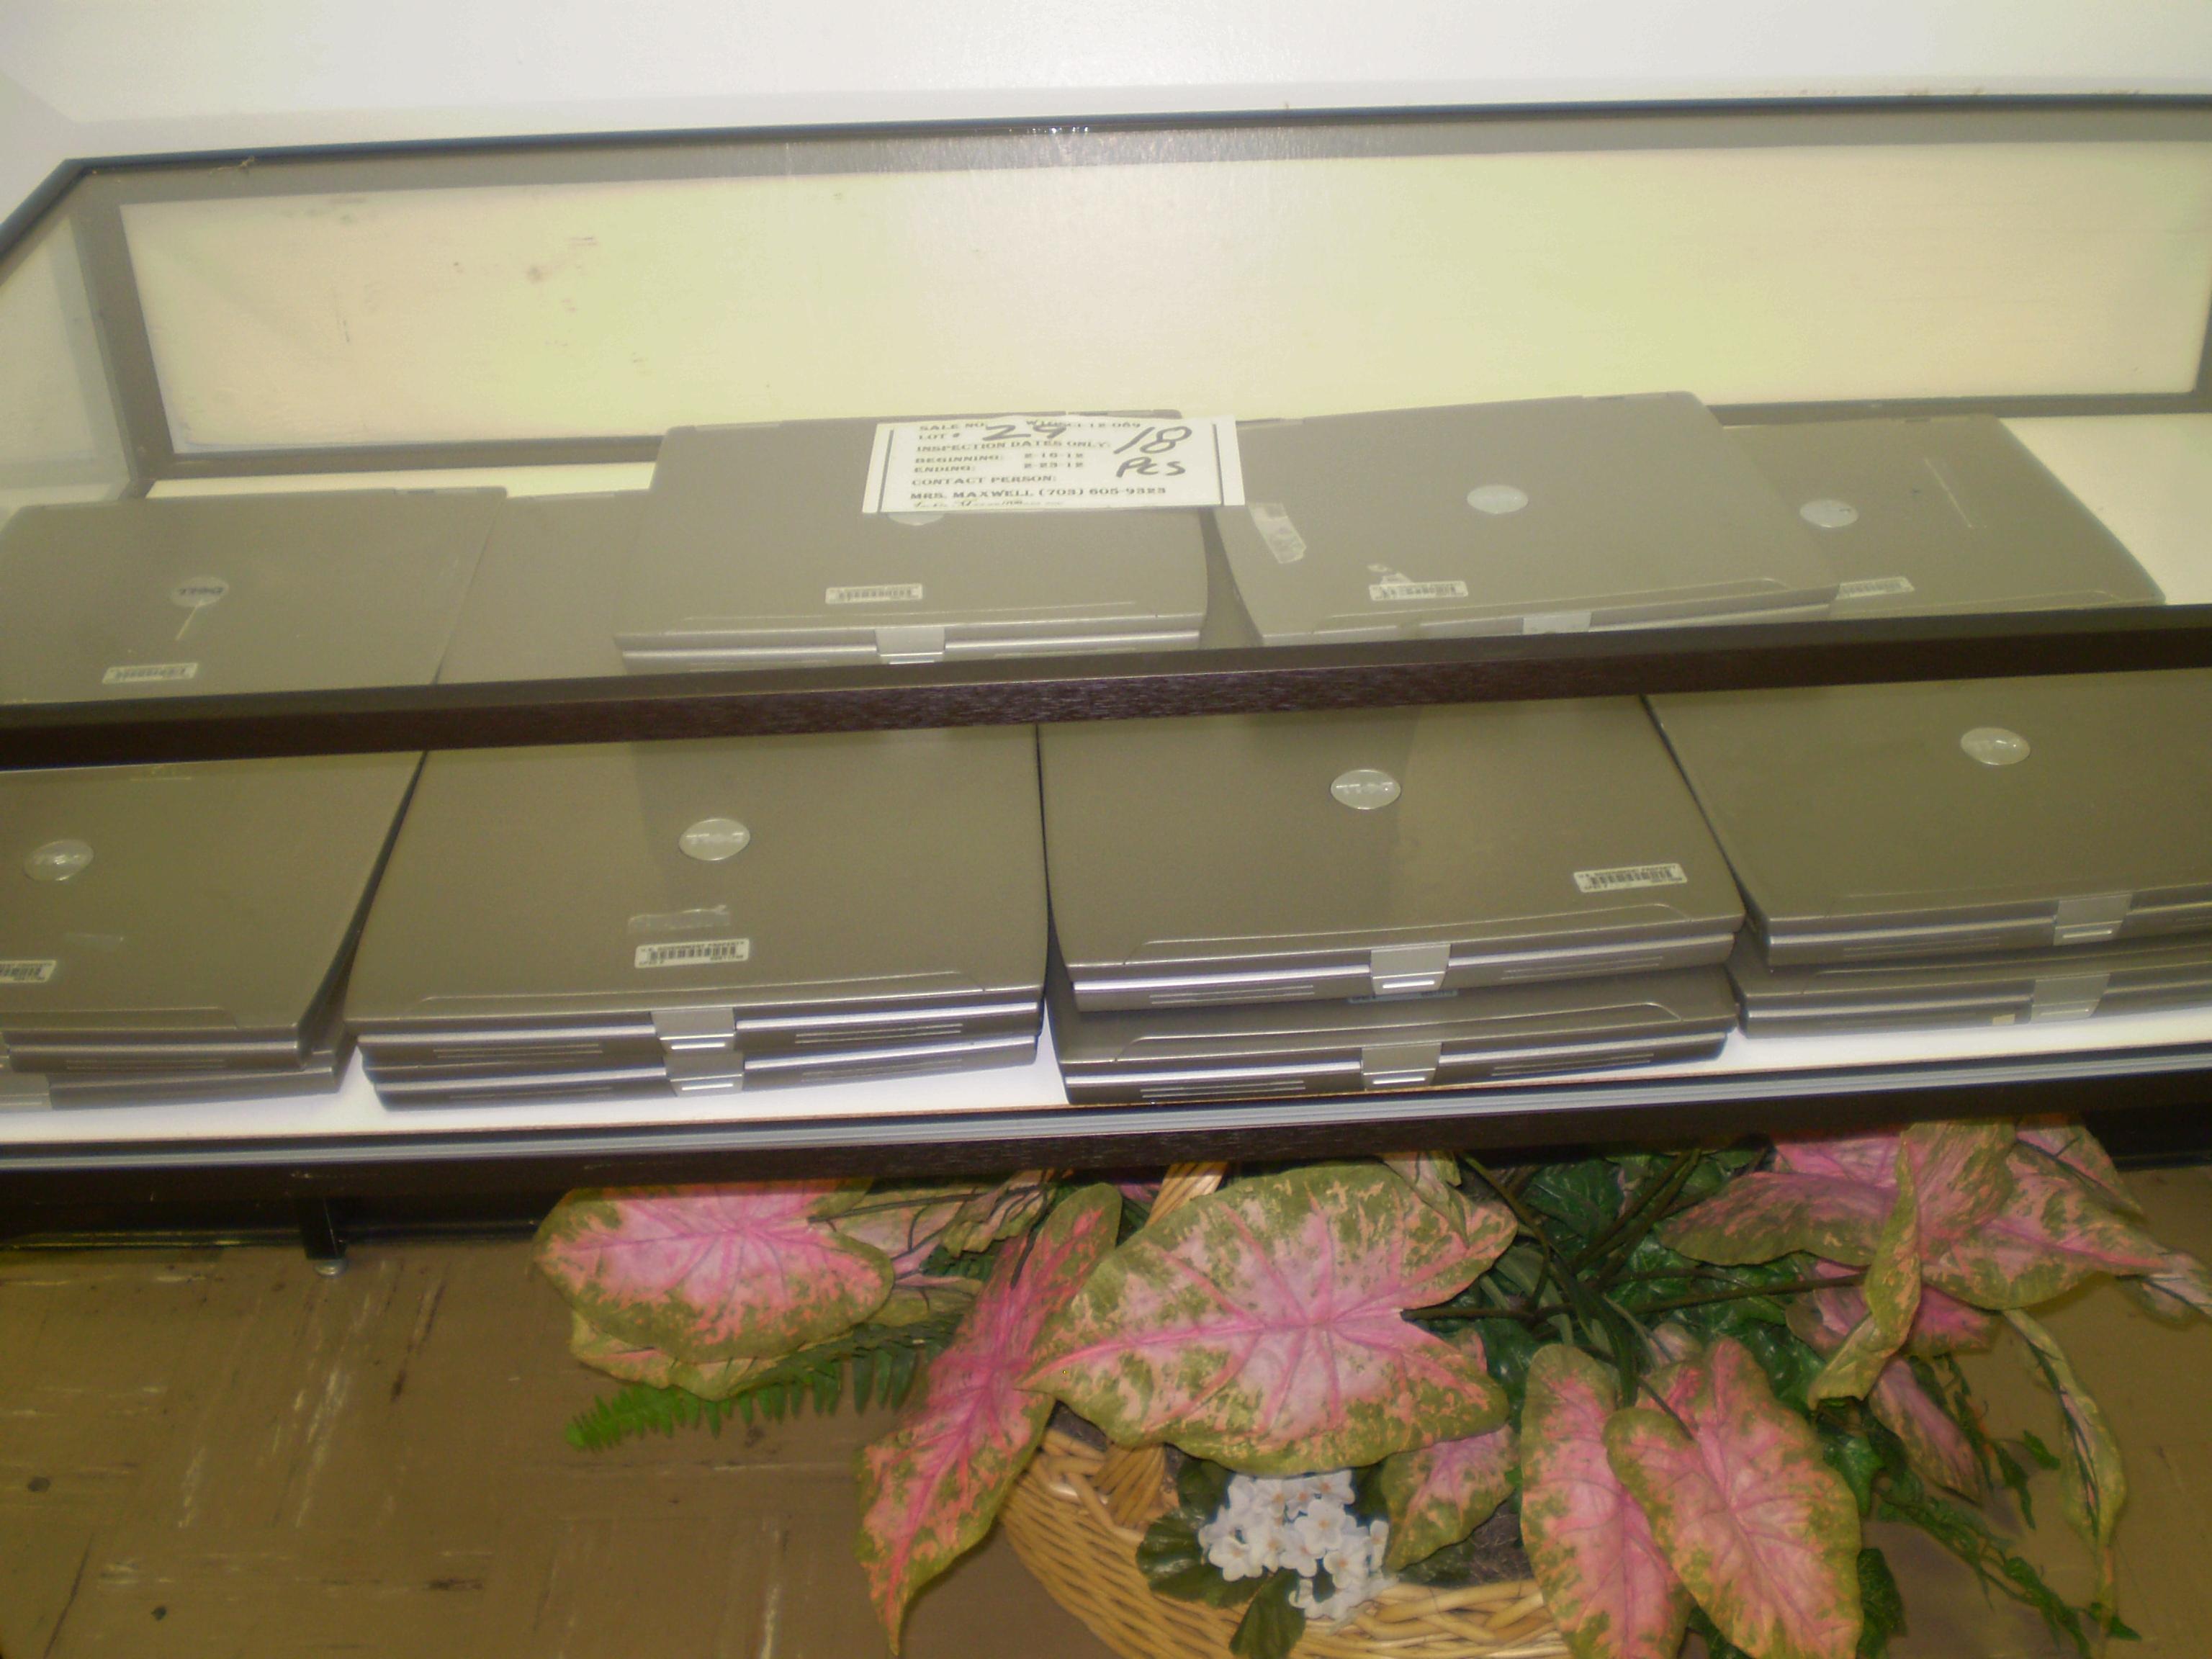 18 Dell Laptops